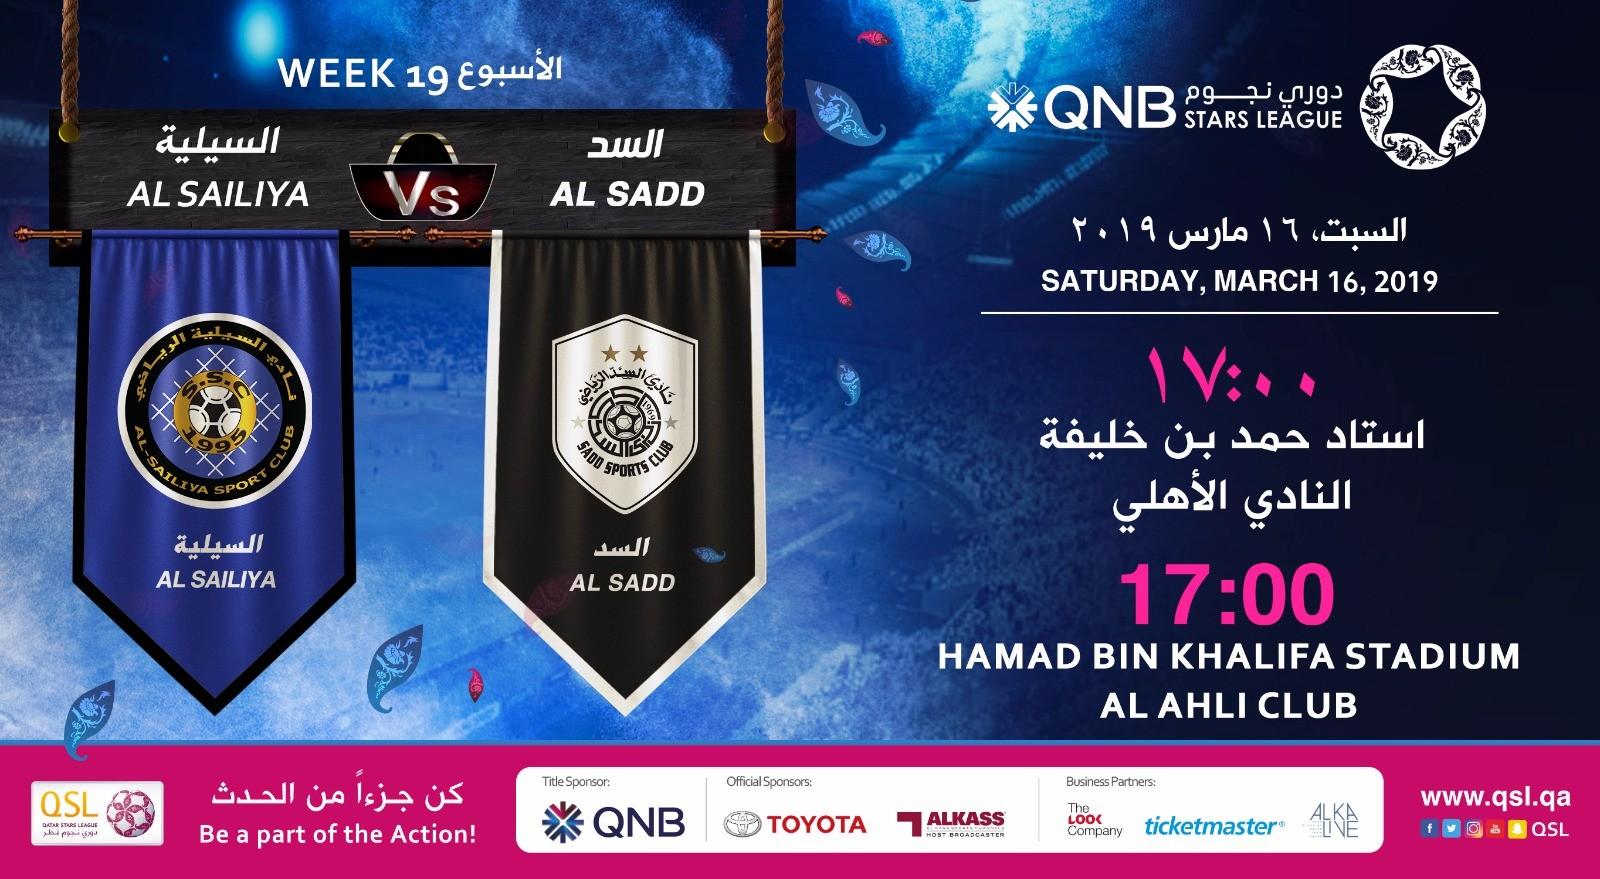 QNB Stars League Week 19 — Al Sailiya vs Al Sadd